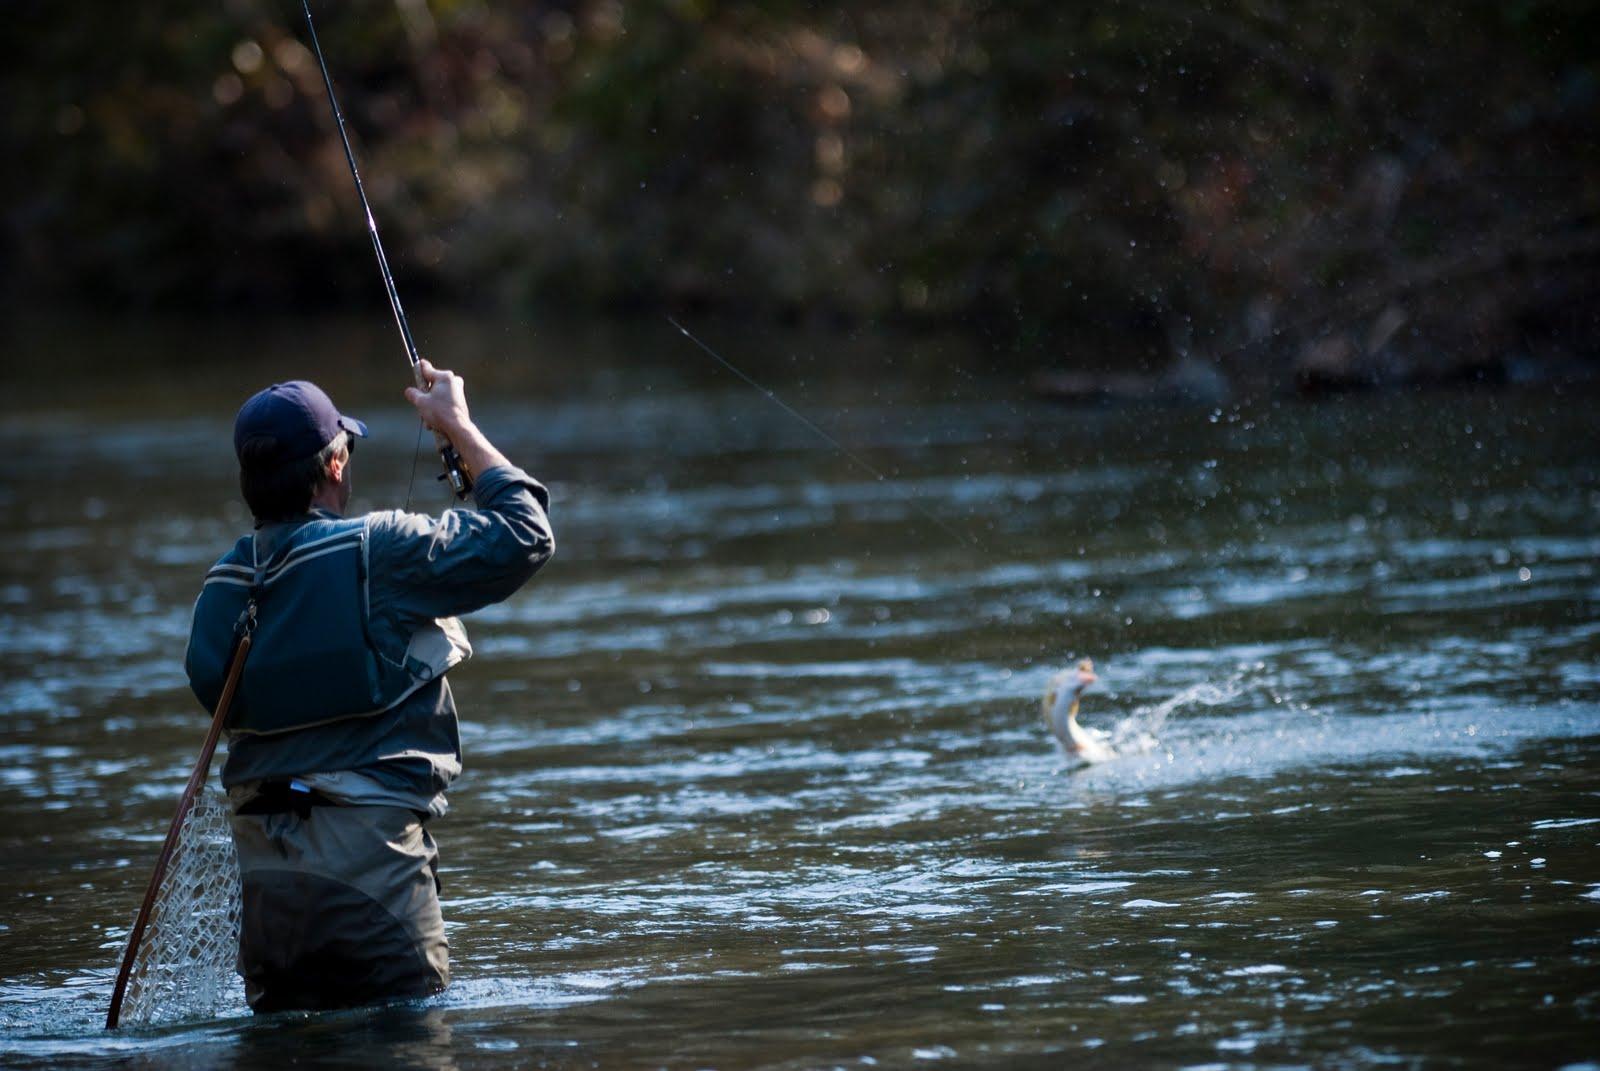 биатлонист понимает, рыбная ловля фото компания изготавливает